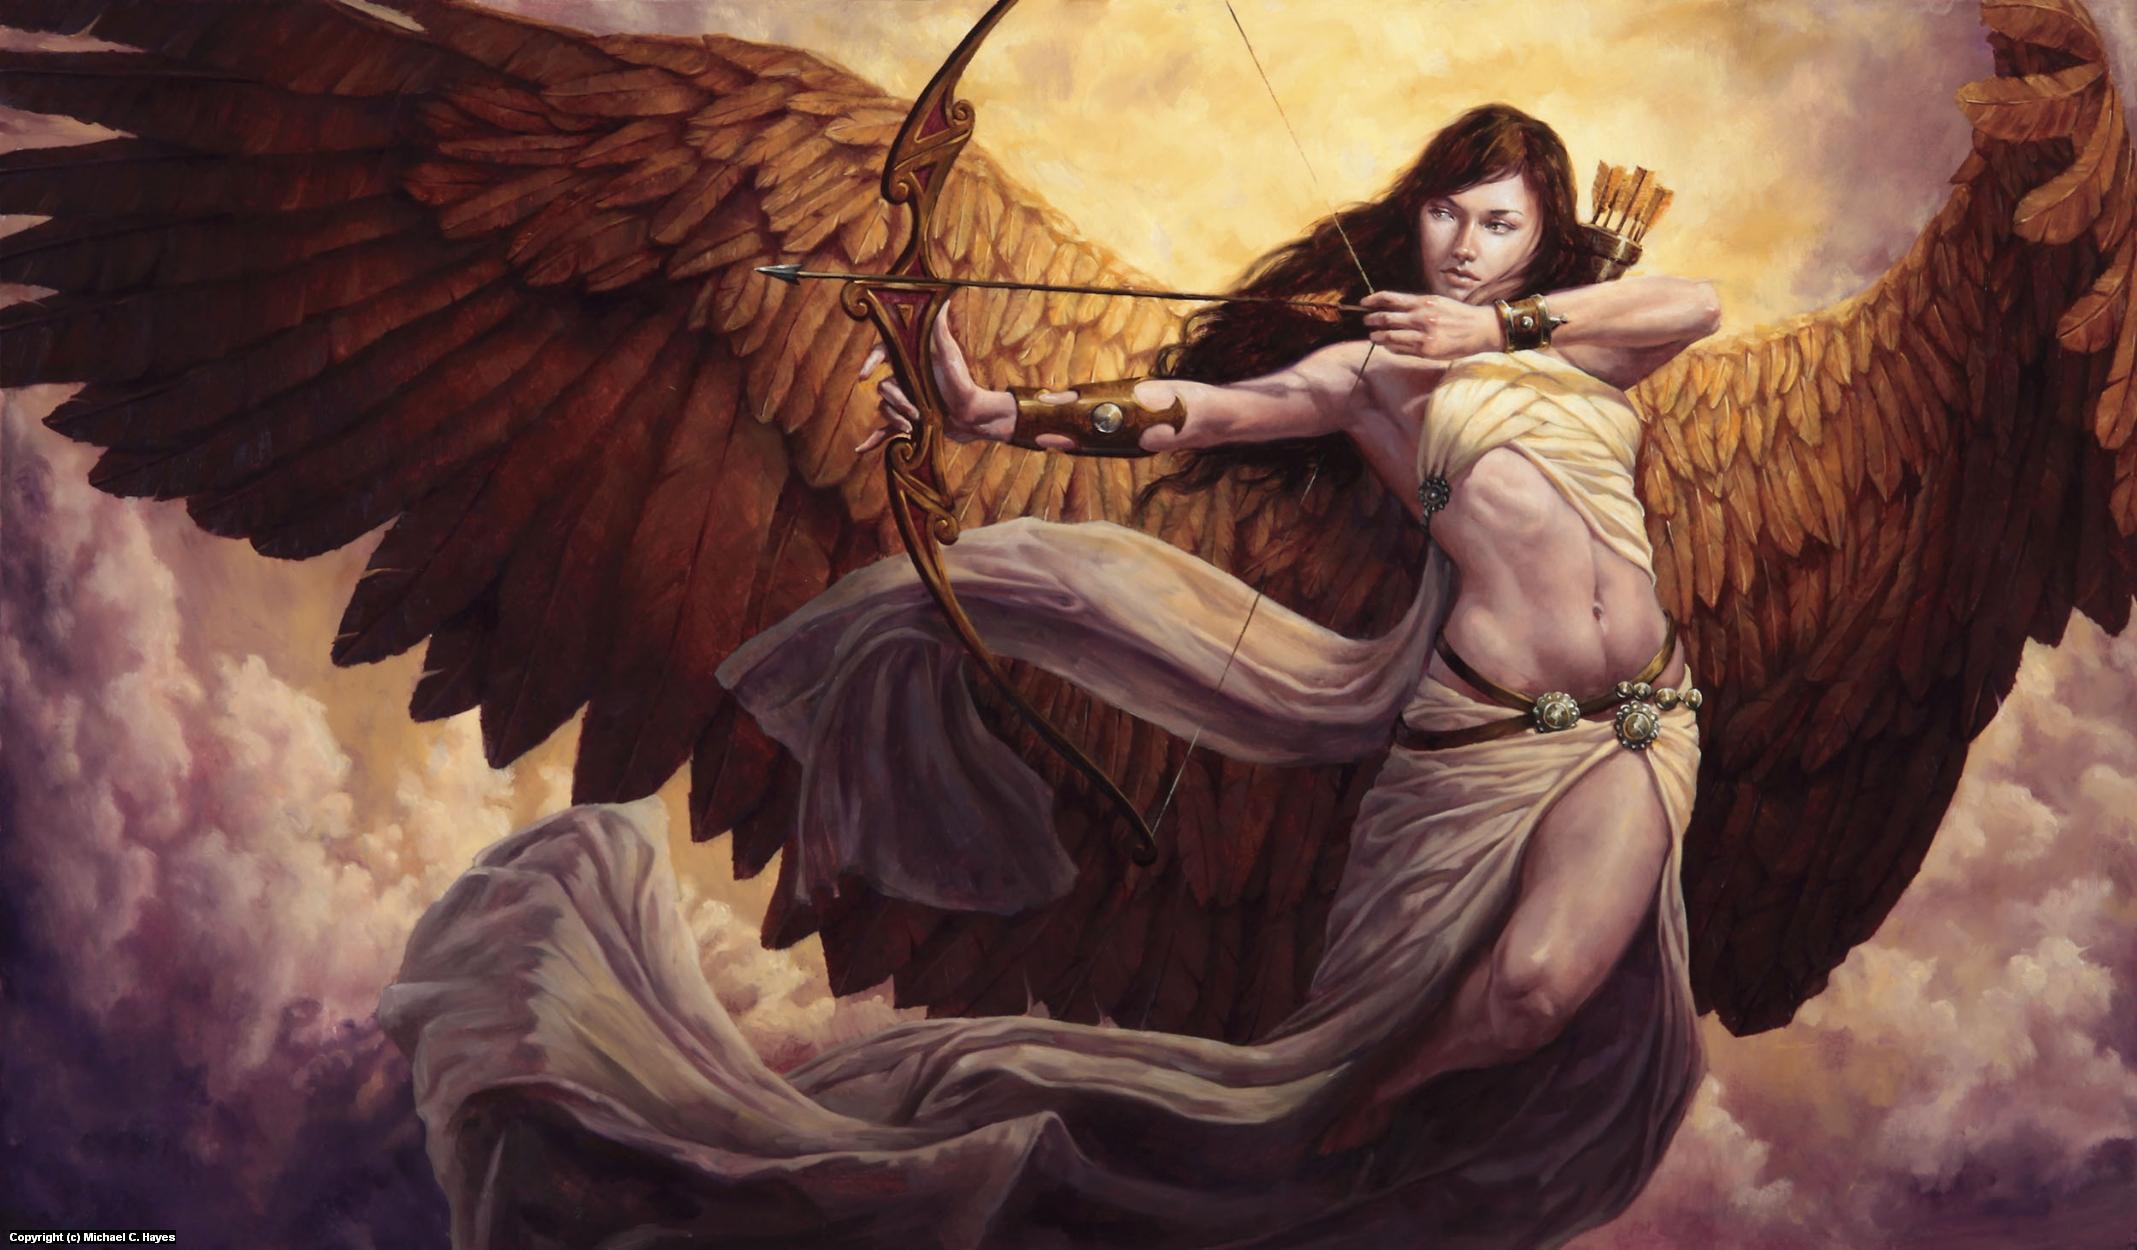 Artemis Artwork by Michael C. Hayes